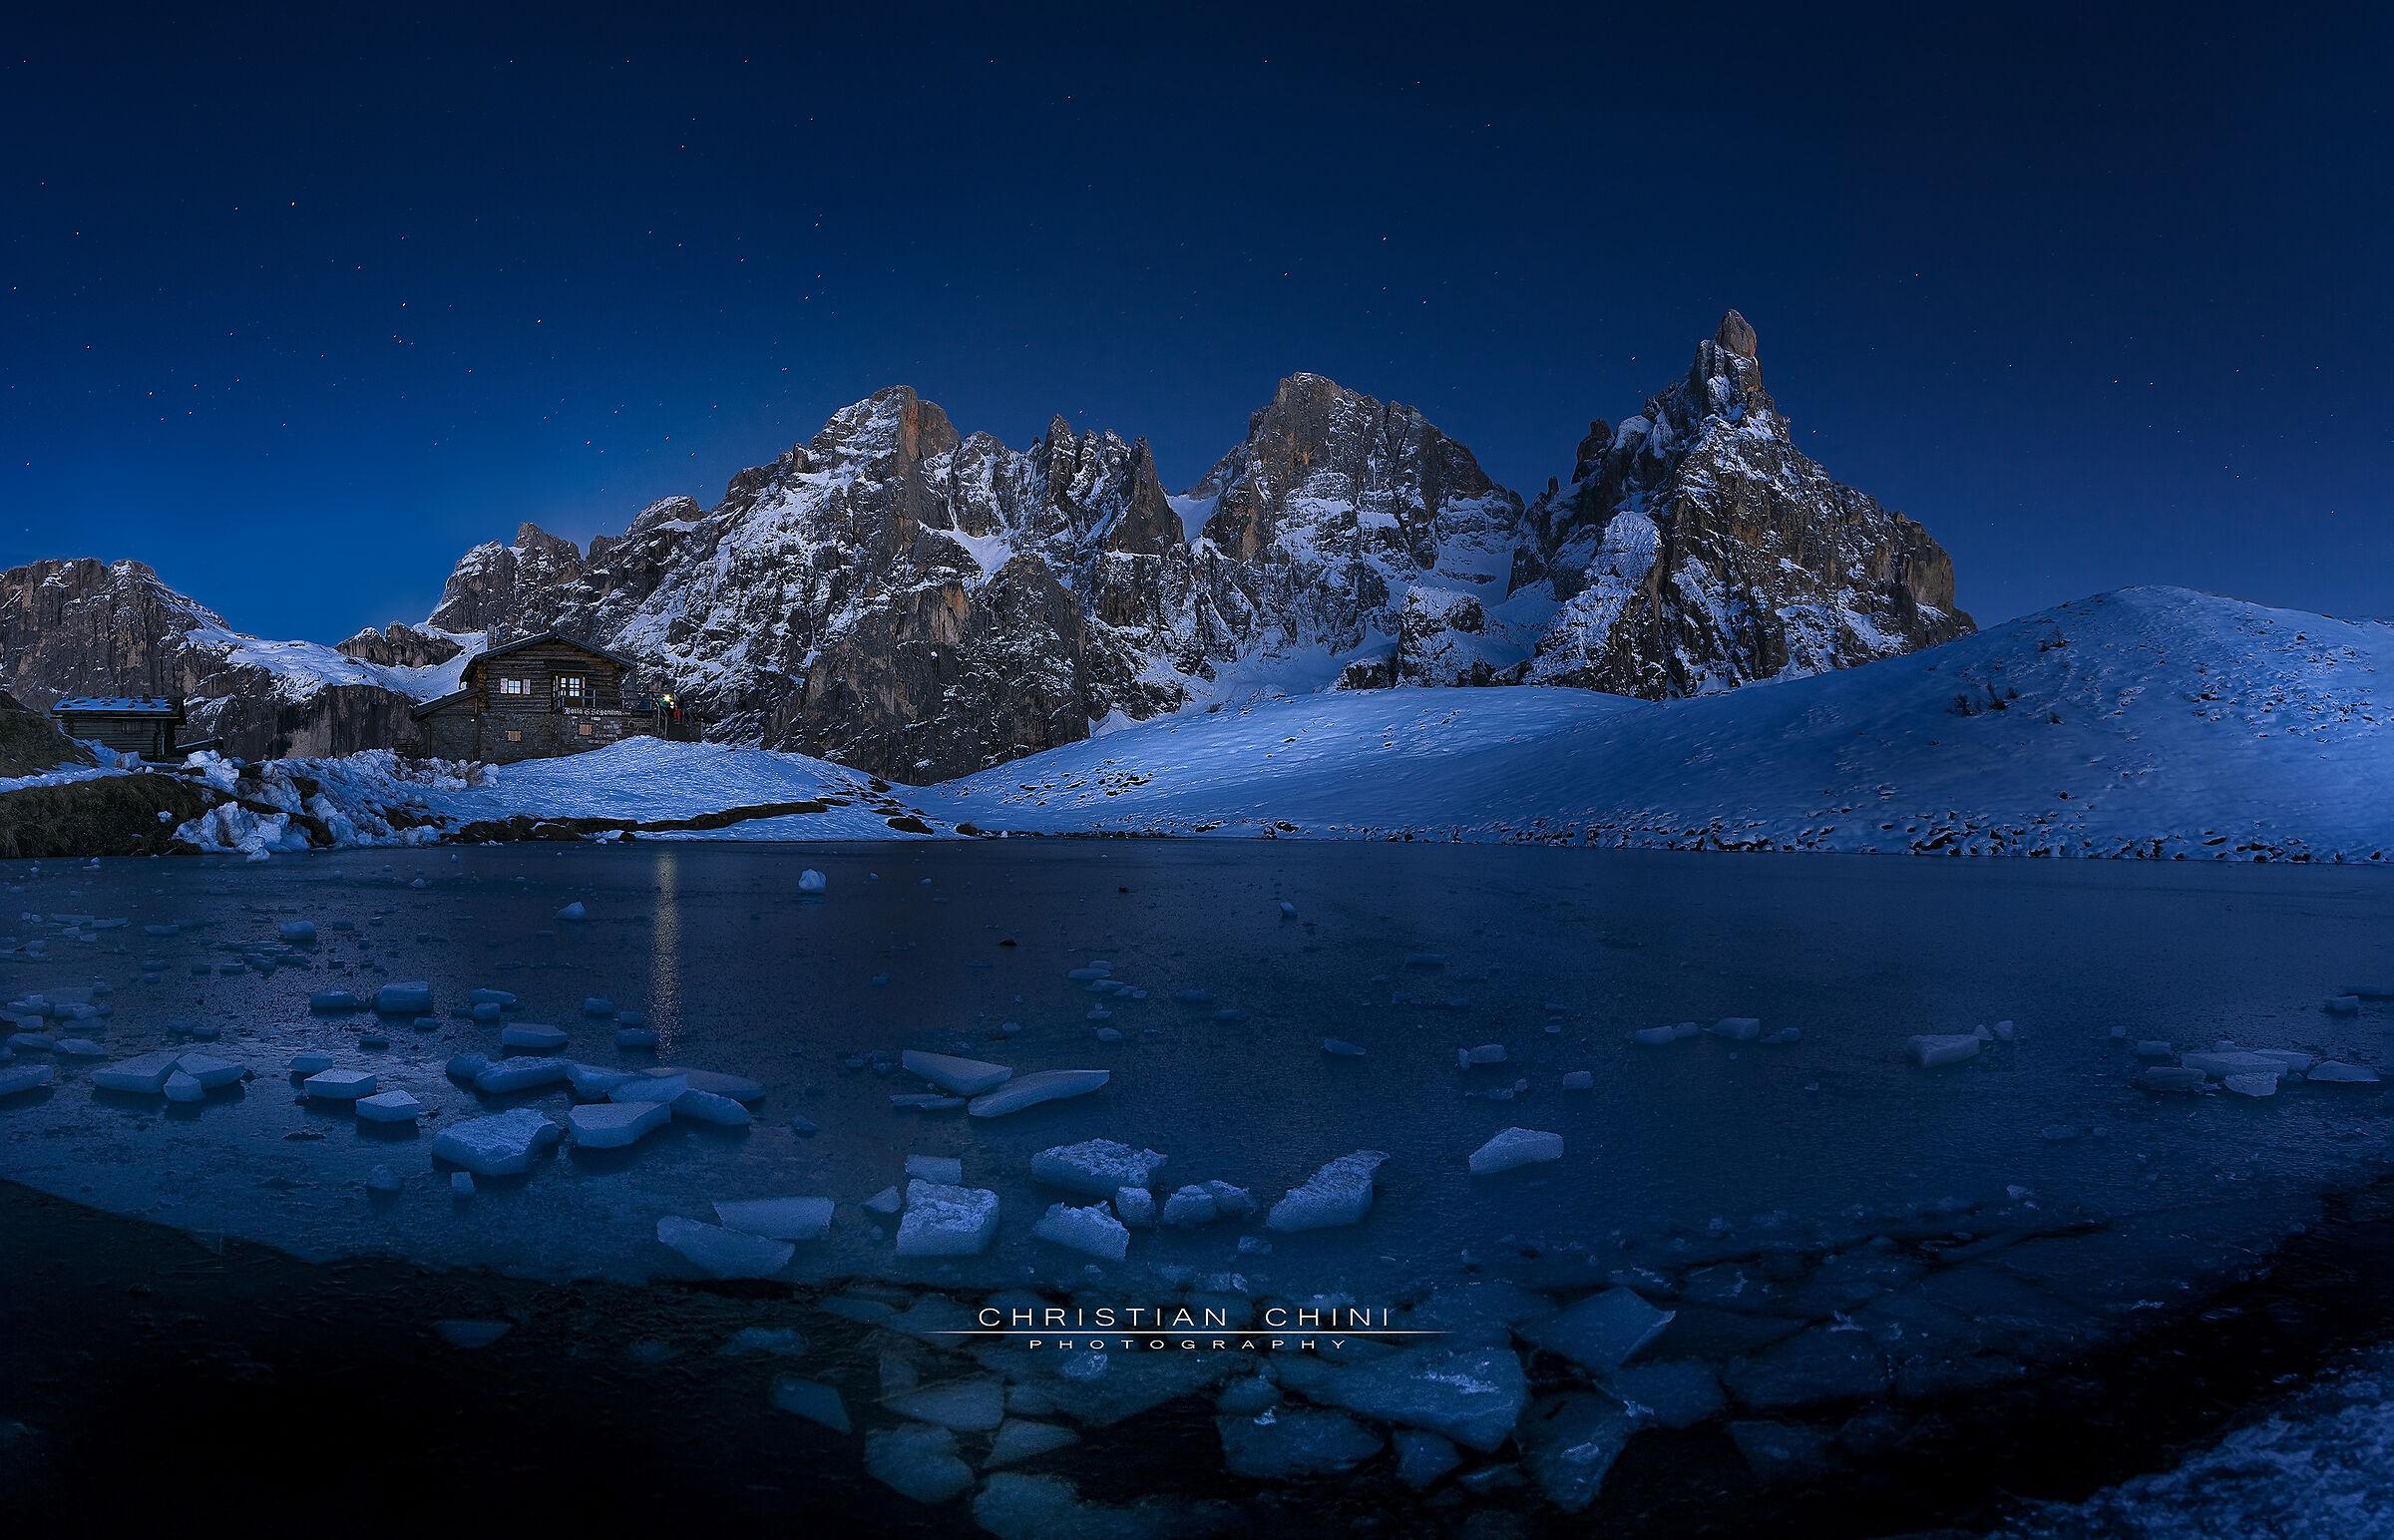 Blue hour at Baita Segantini...